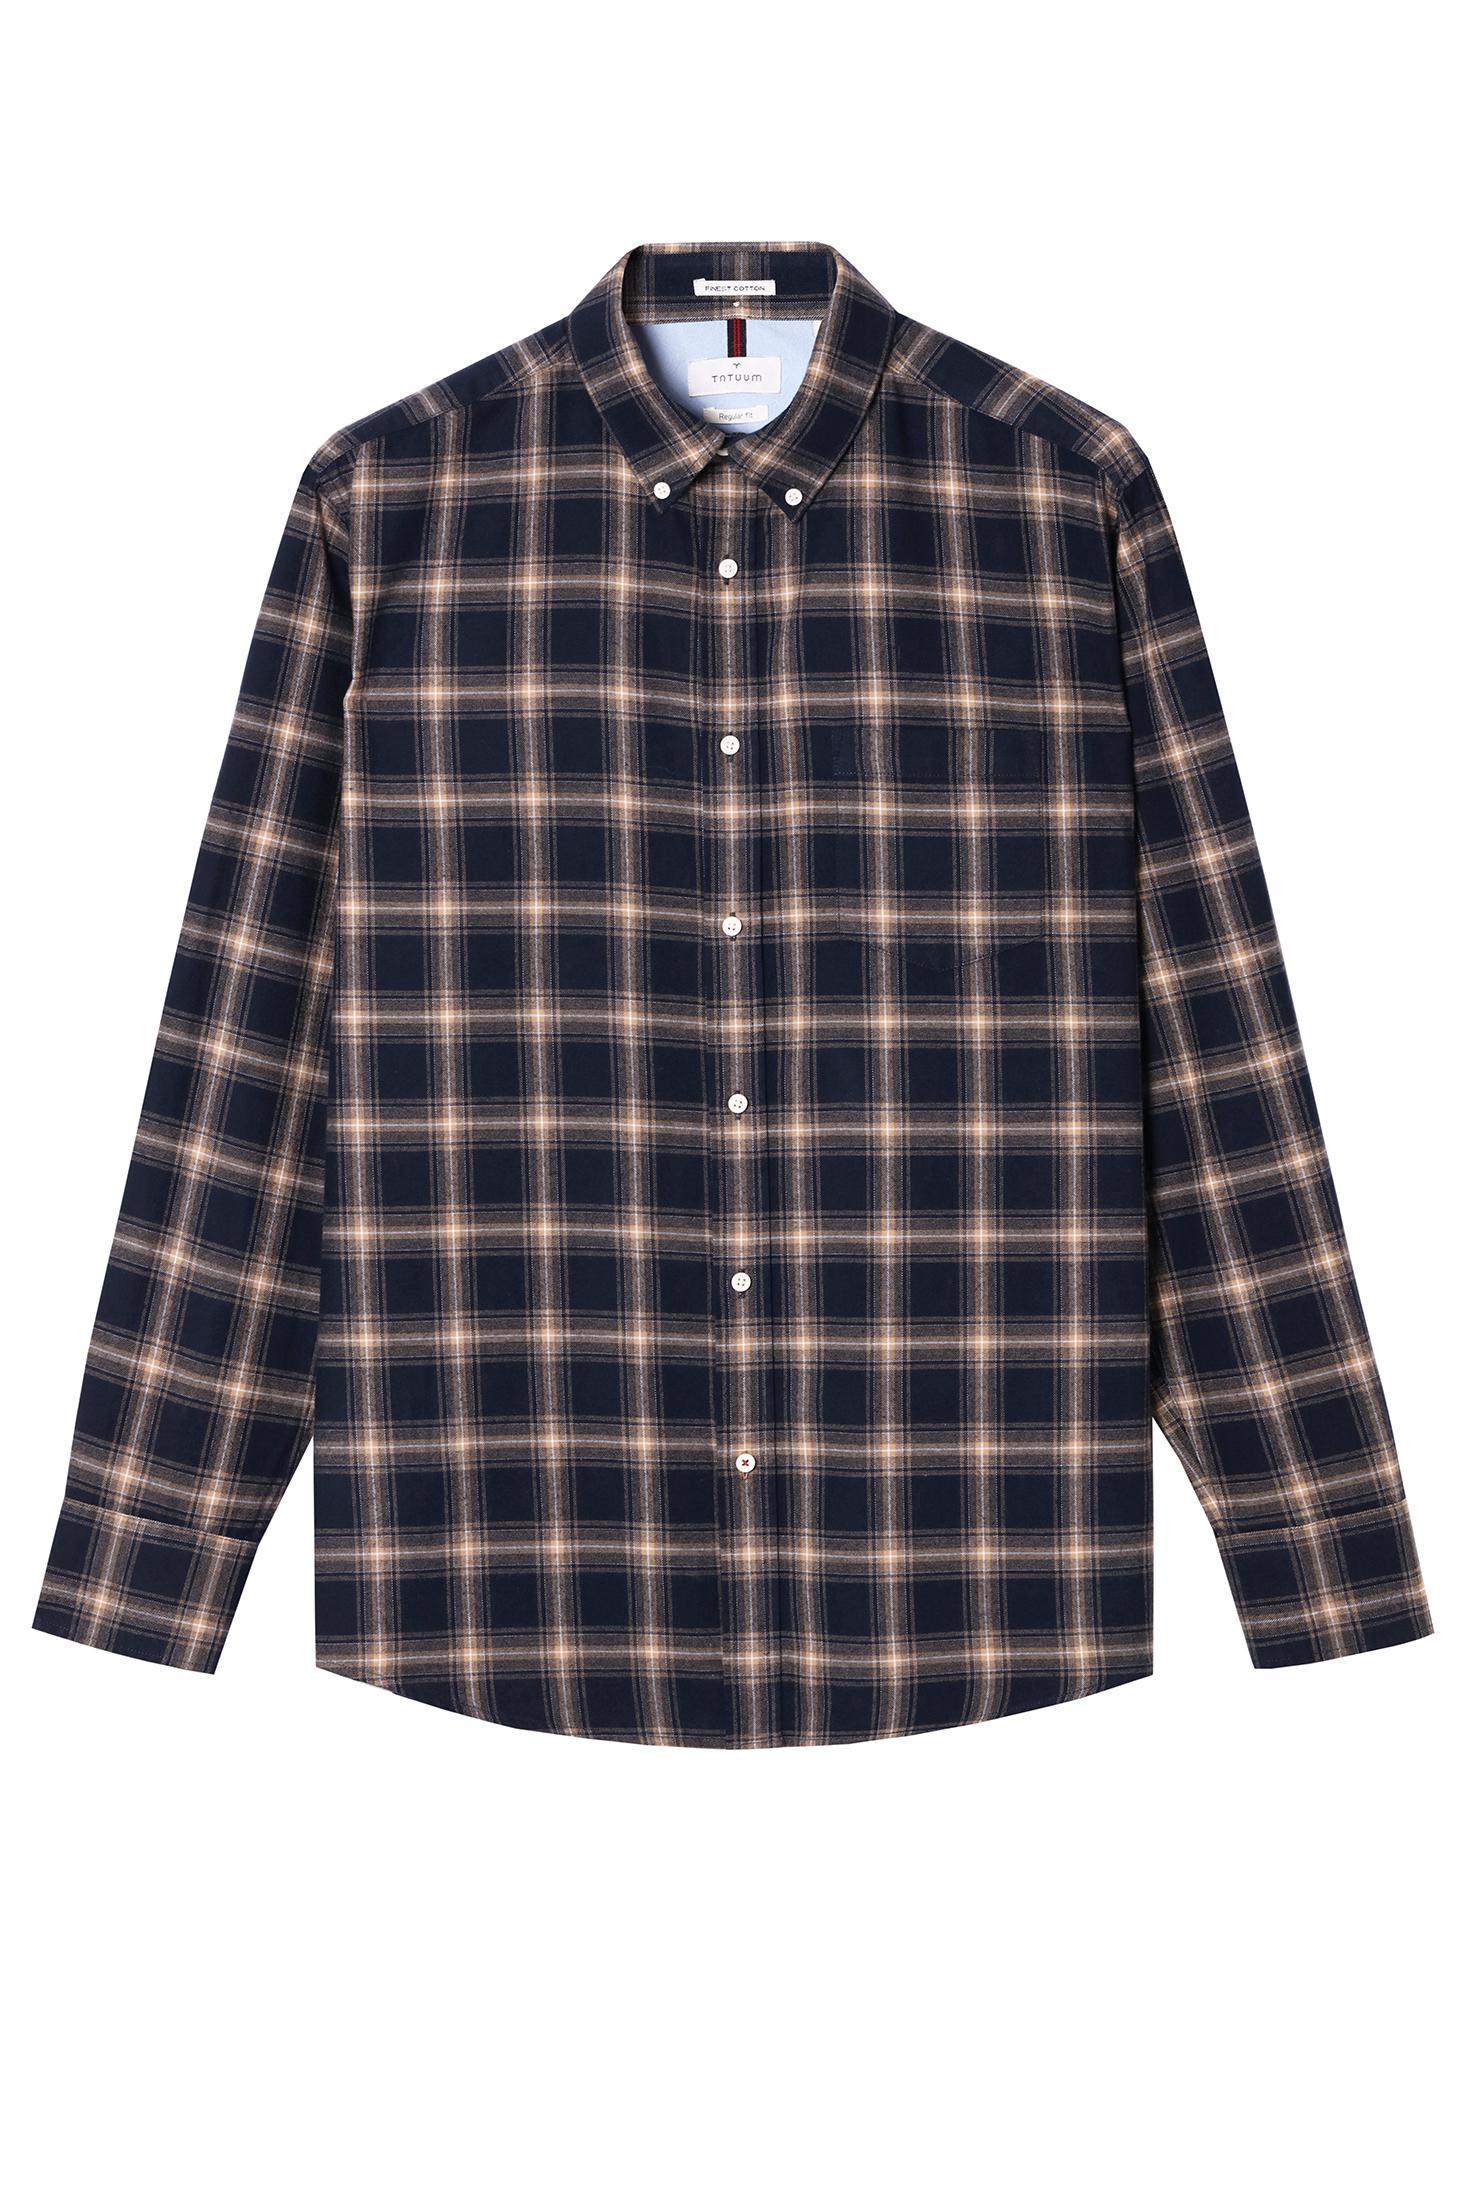 koszula męska długi r. CHARLES 22 CLASSIC